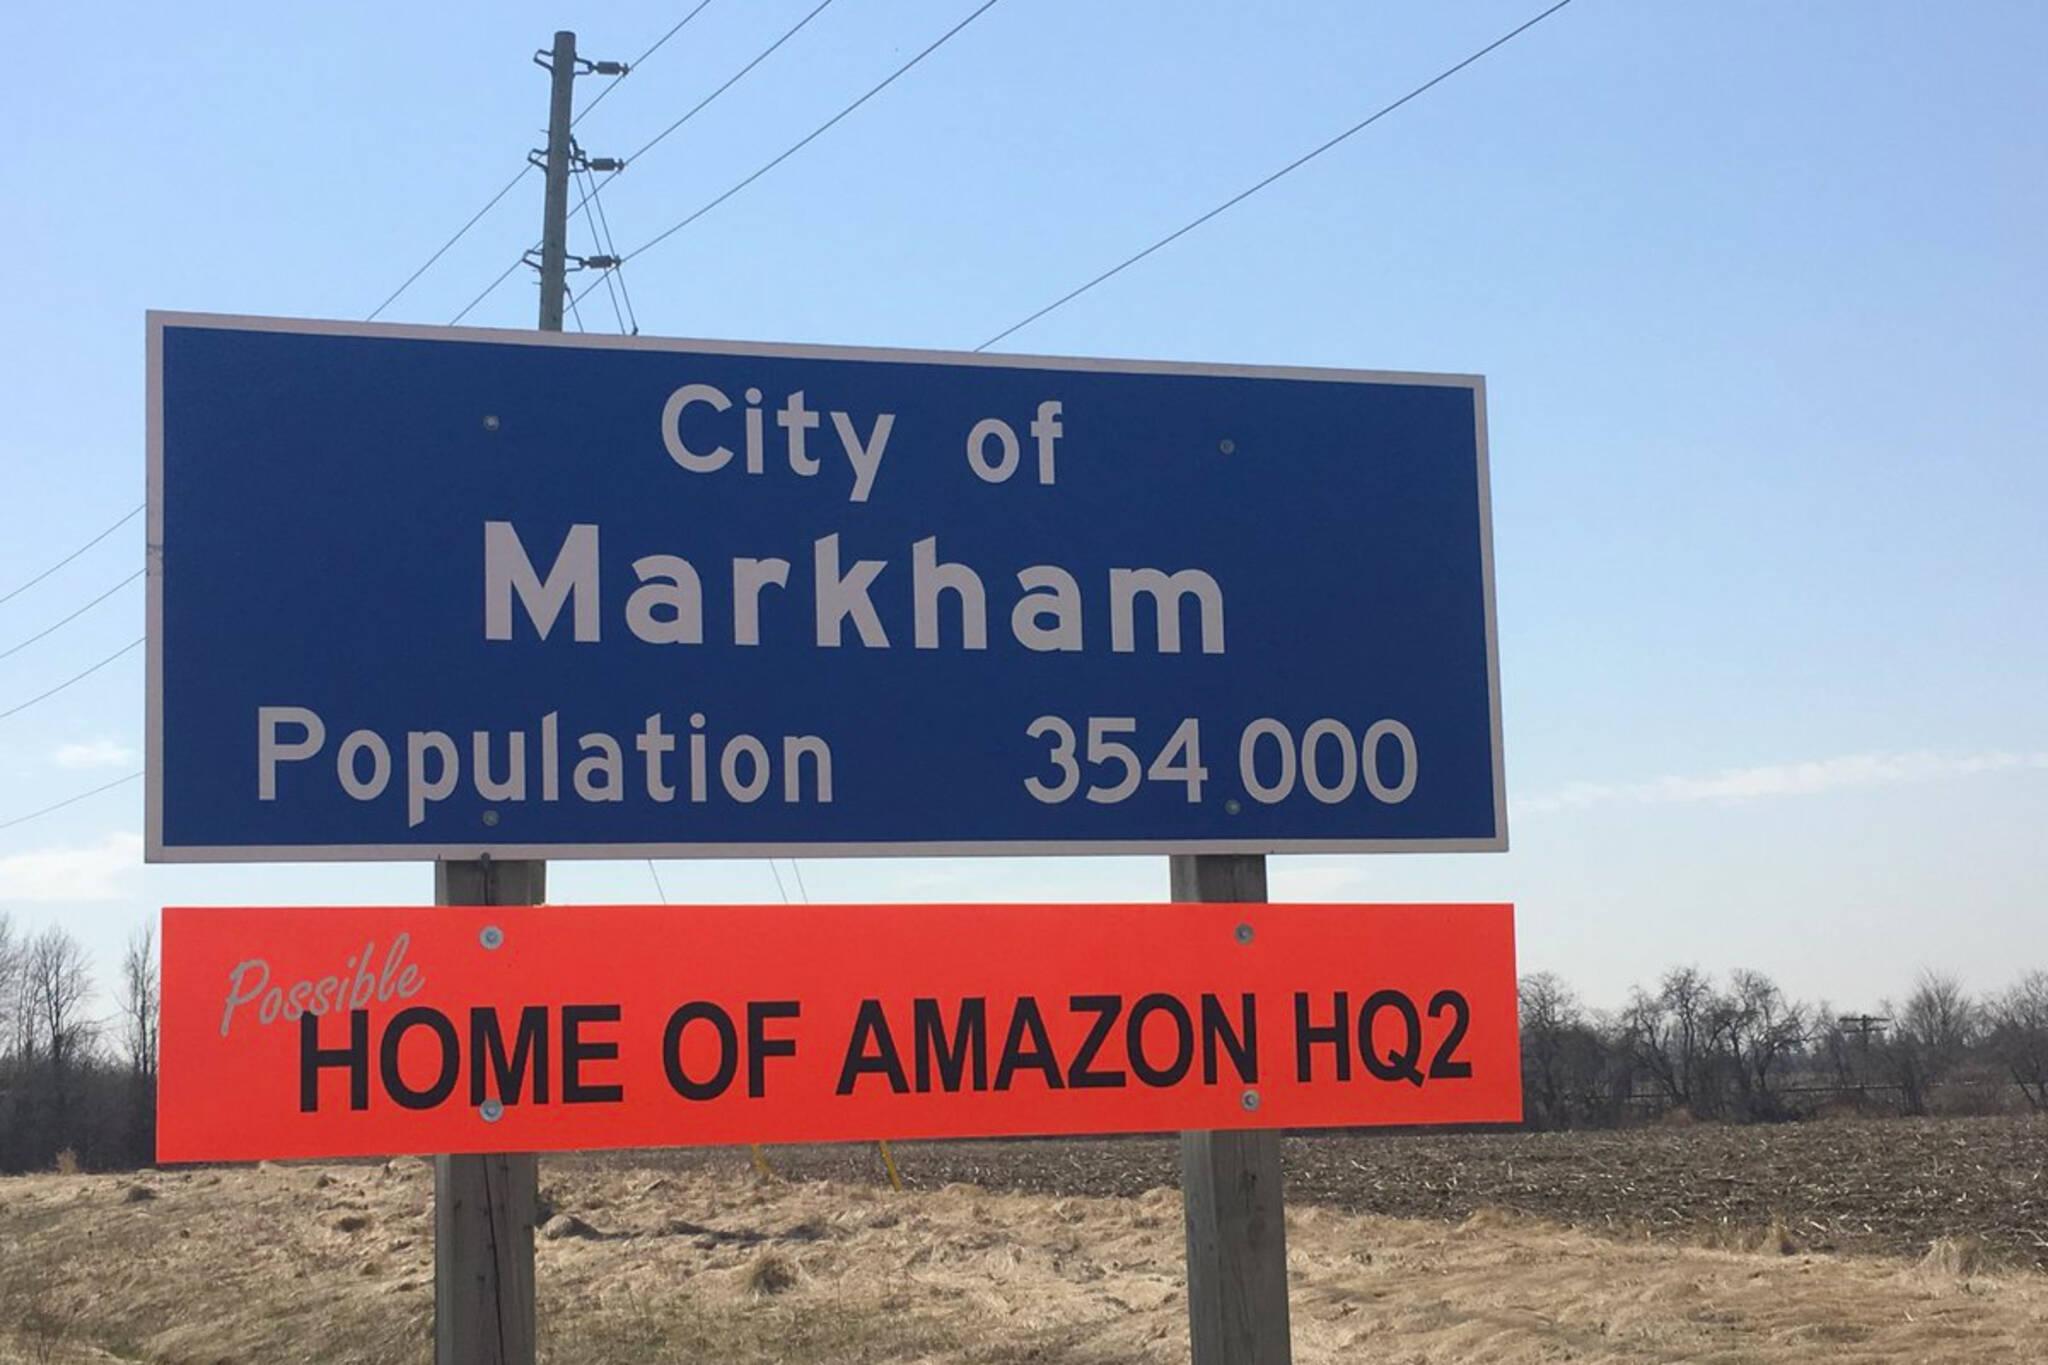 Markham Amazon HQ2